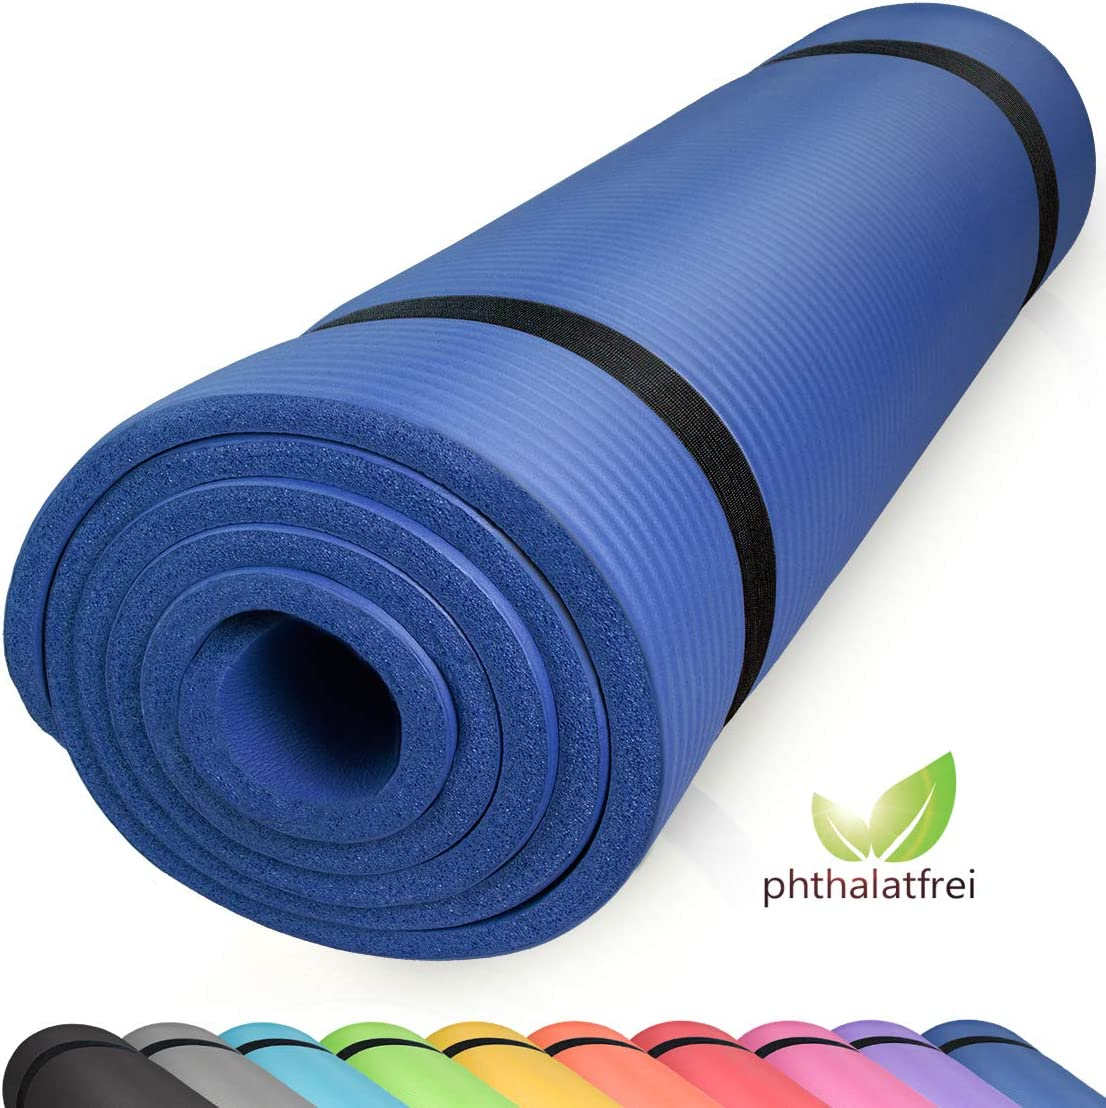 FLYONNO Tapis Yoga Antid/érapant,Tapis Fitness Epais avec Lignes dalignement du Corps eco Friendly Bodhi Yoga Mat 6mm TPE /Écologique Mat/ériaux 100/% Recyclables